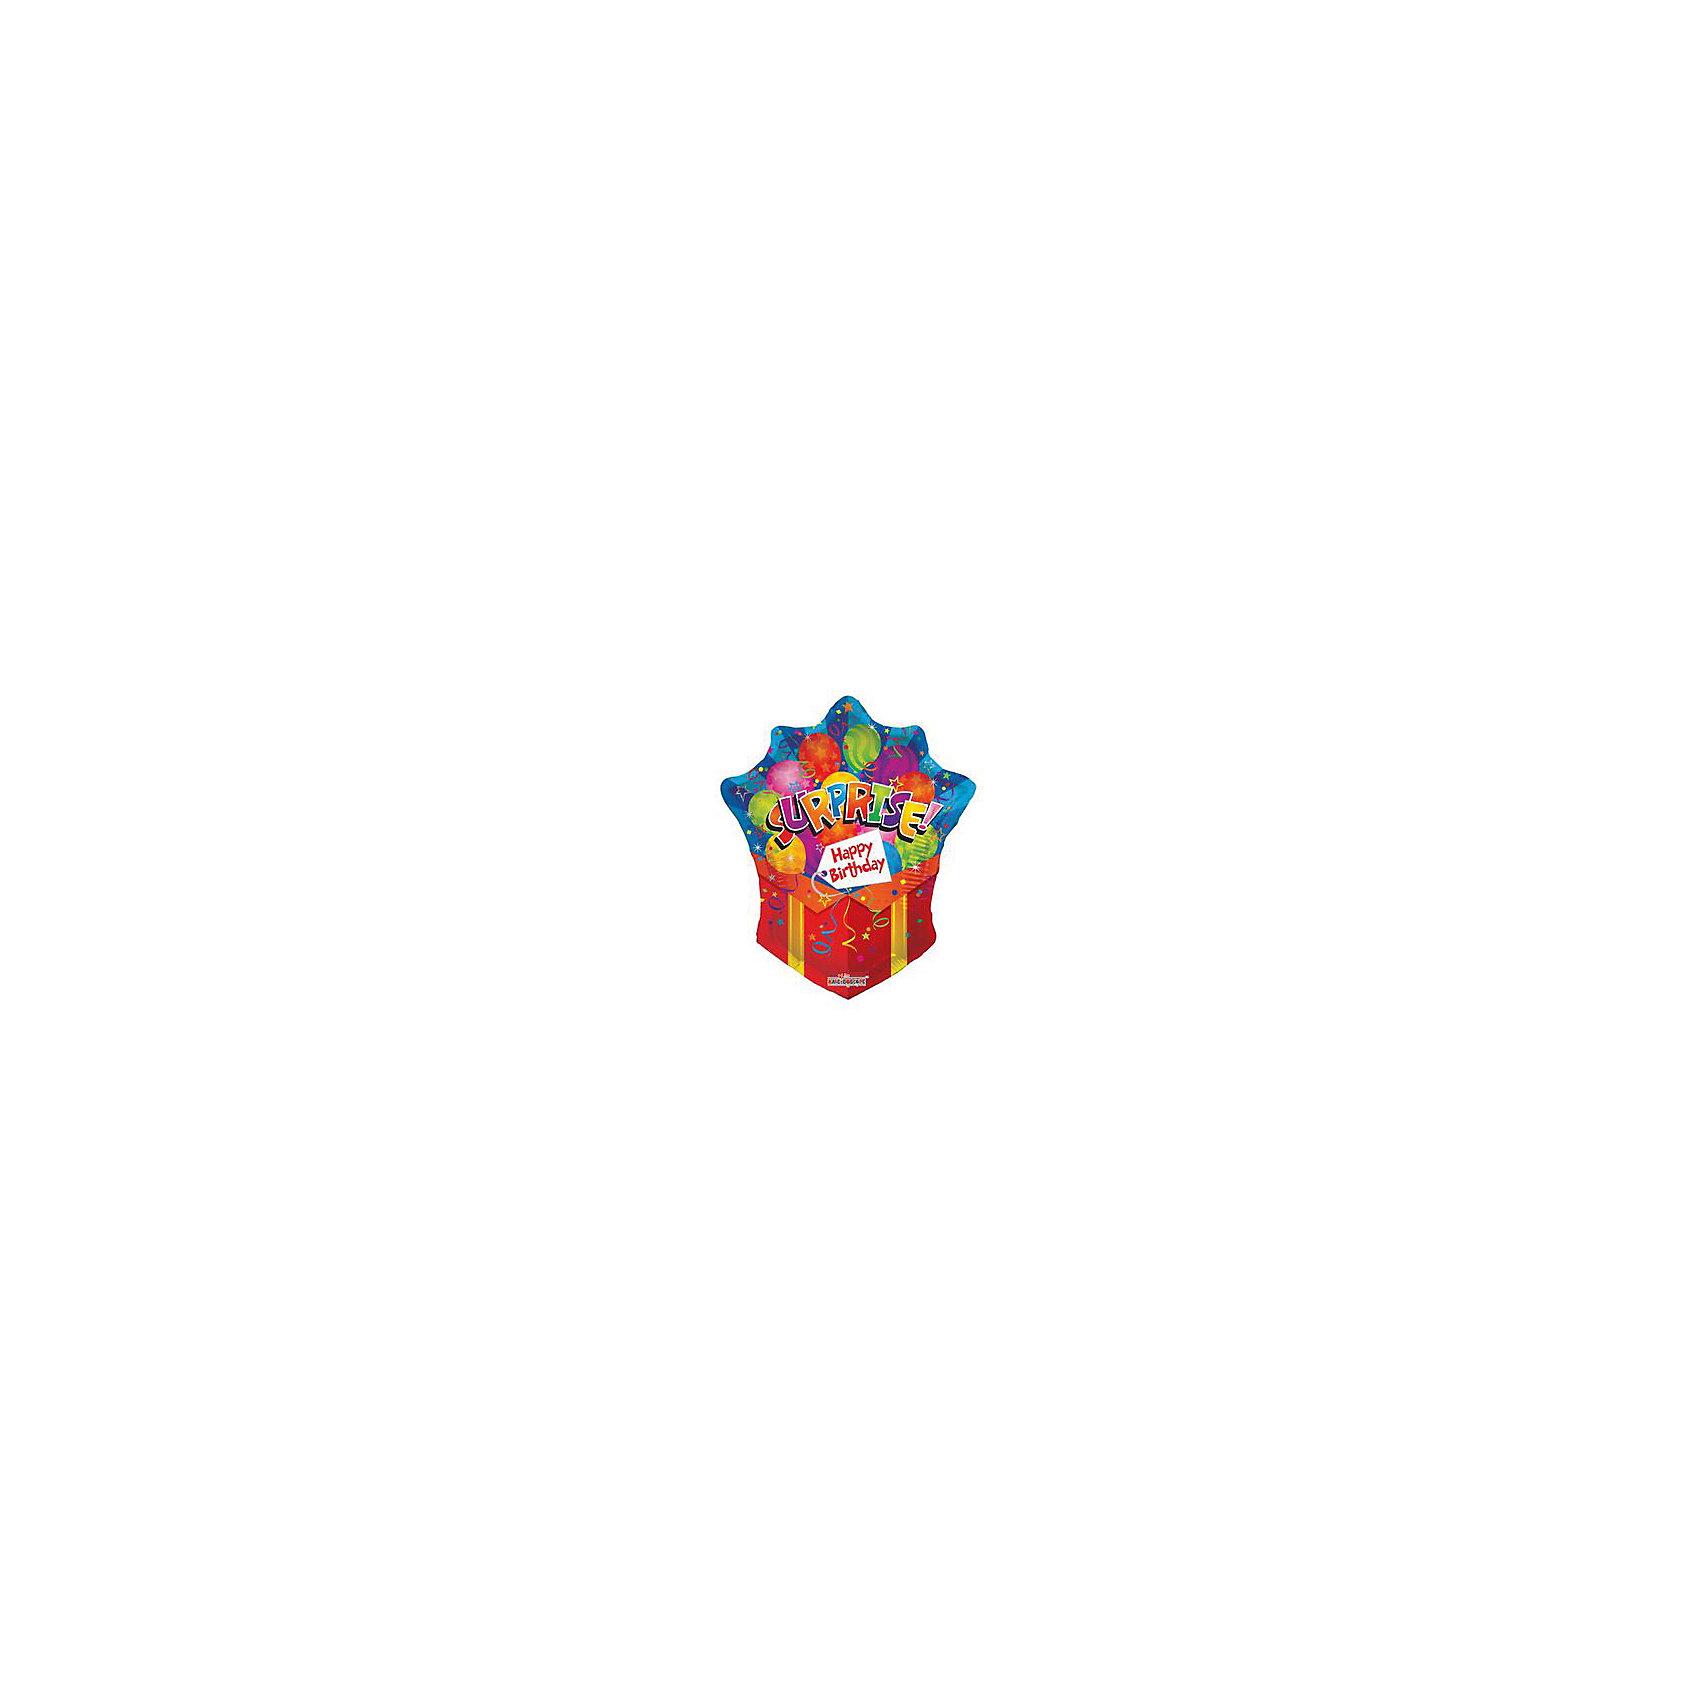 Шар фольгированный фигурный СЮРПРИЗВсё для праздника<br>Фигурный шар «Сюрприз» ТМ «Olala» украсит интерьер к празднику, дополнит любой подарок и позабавит малышей, став для них веселой игрушкой. Шар с двусторонней печатью имеет высоту 71 см, изготовлен из миларовой пленки и надувается гелием. Изделие поставляется не надутым. Товар сертифицирован.<br><br>Ширина мм: 180<br>Глубина мм: 140<br>Высота мм: 20<br>Вес г: 100<br>Возраст от месяцев: 36<br>Возраст до месяцев: 120<br>Пол: Унисекс<br>Возраст: Детский<br>SKU: 5016496